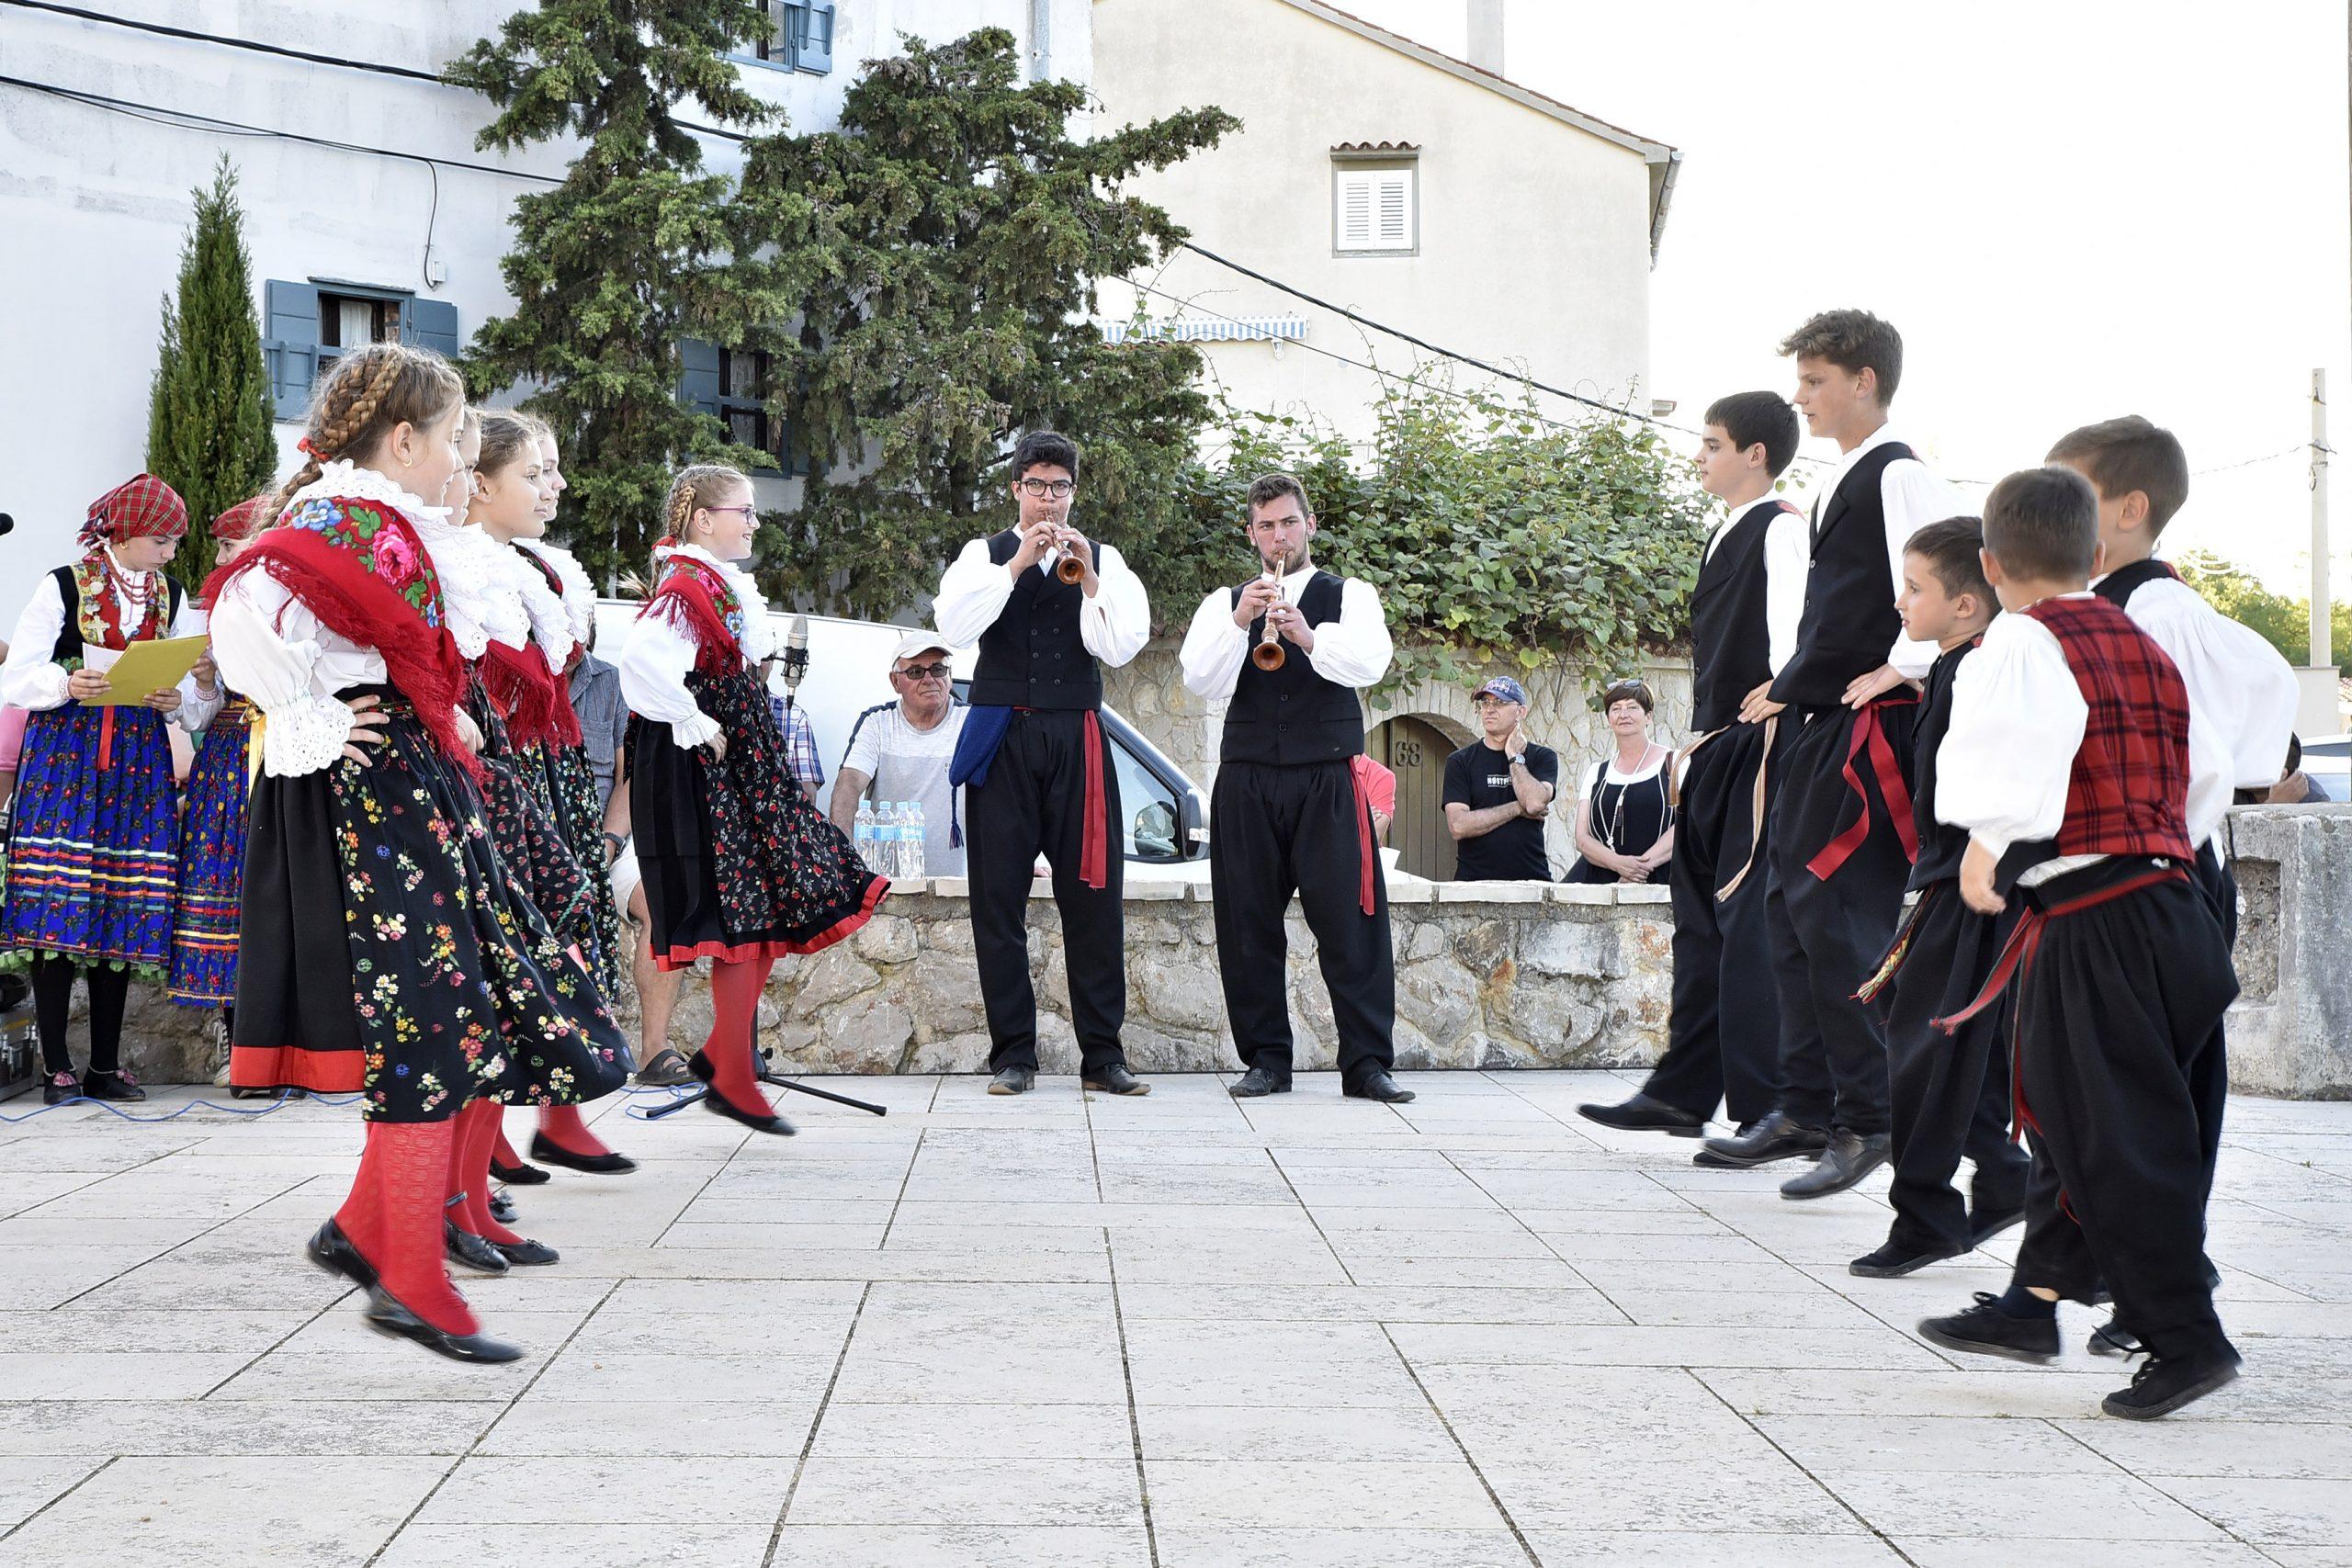 Svaka od folklornih skupina izvela je nekoliko plesova i pjesama / Snimio Walter SALKOVIĆ